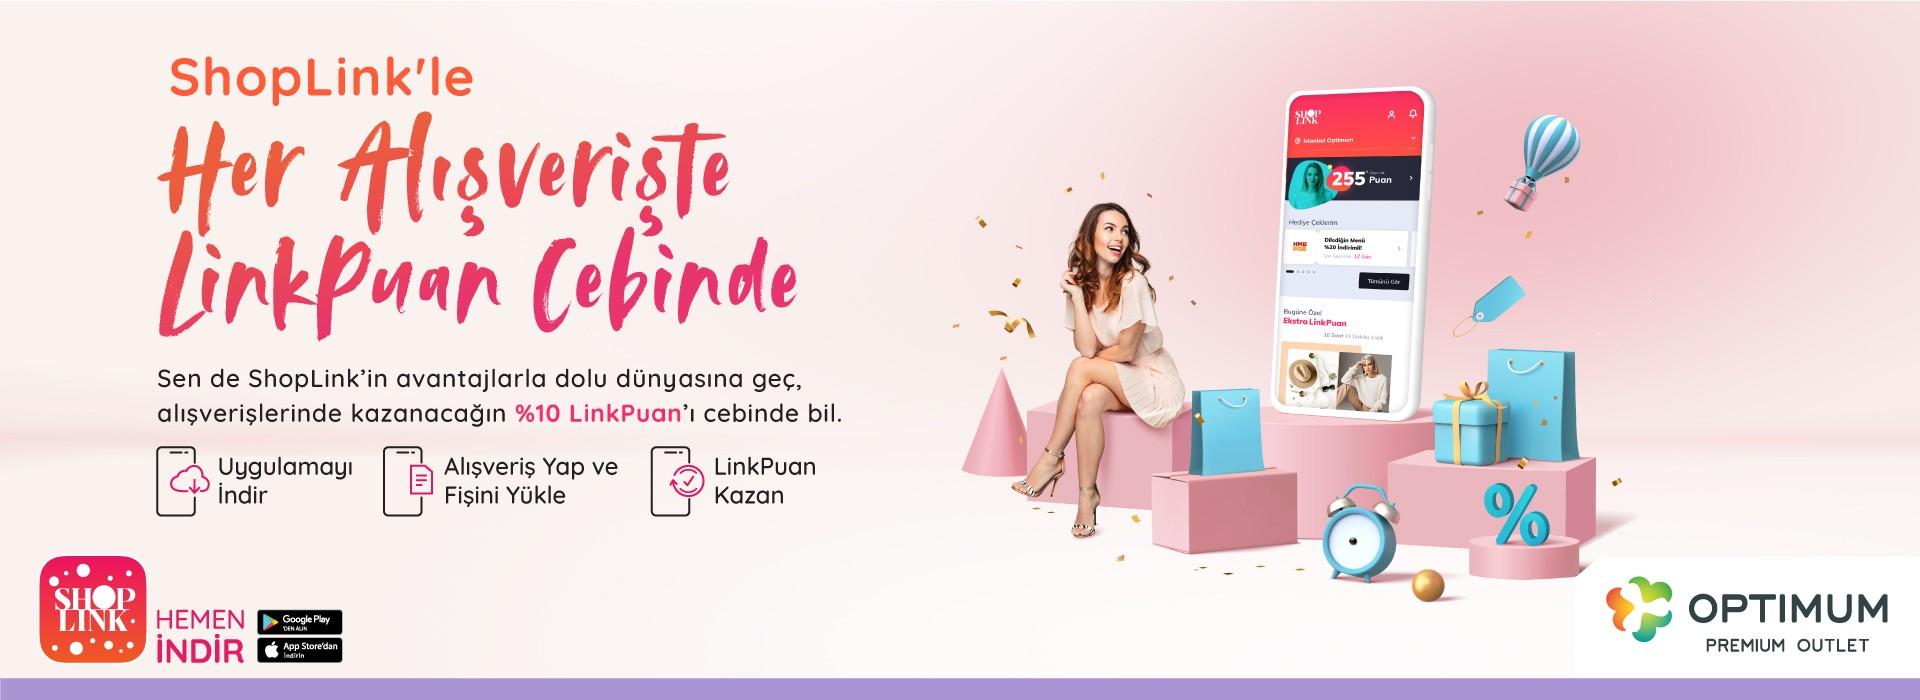 Shoplink'le Her Alışverişte Linkpun Cebinde